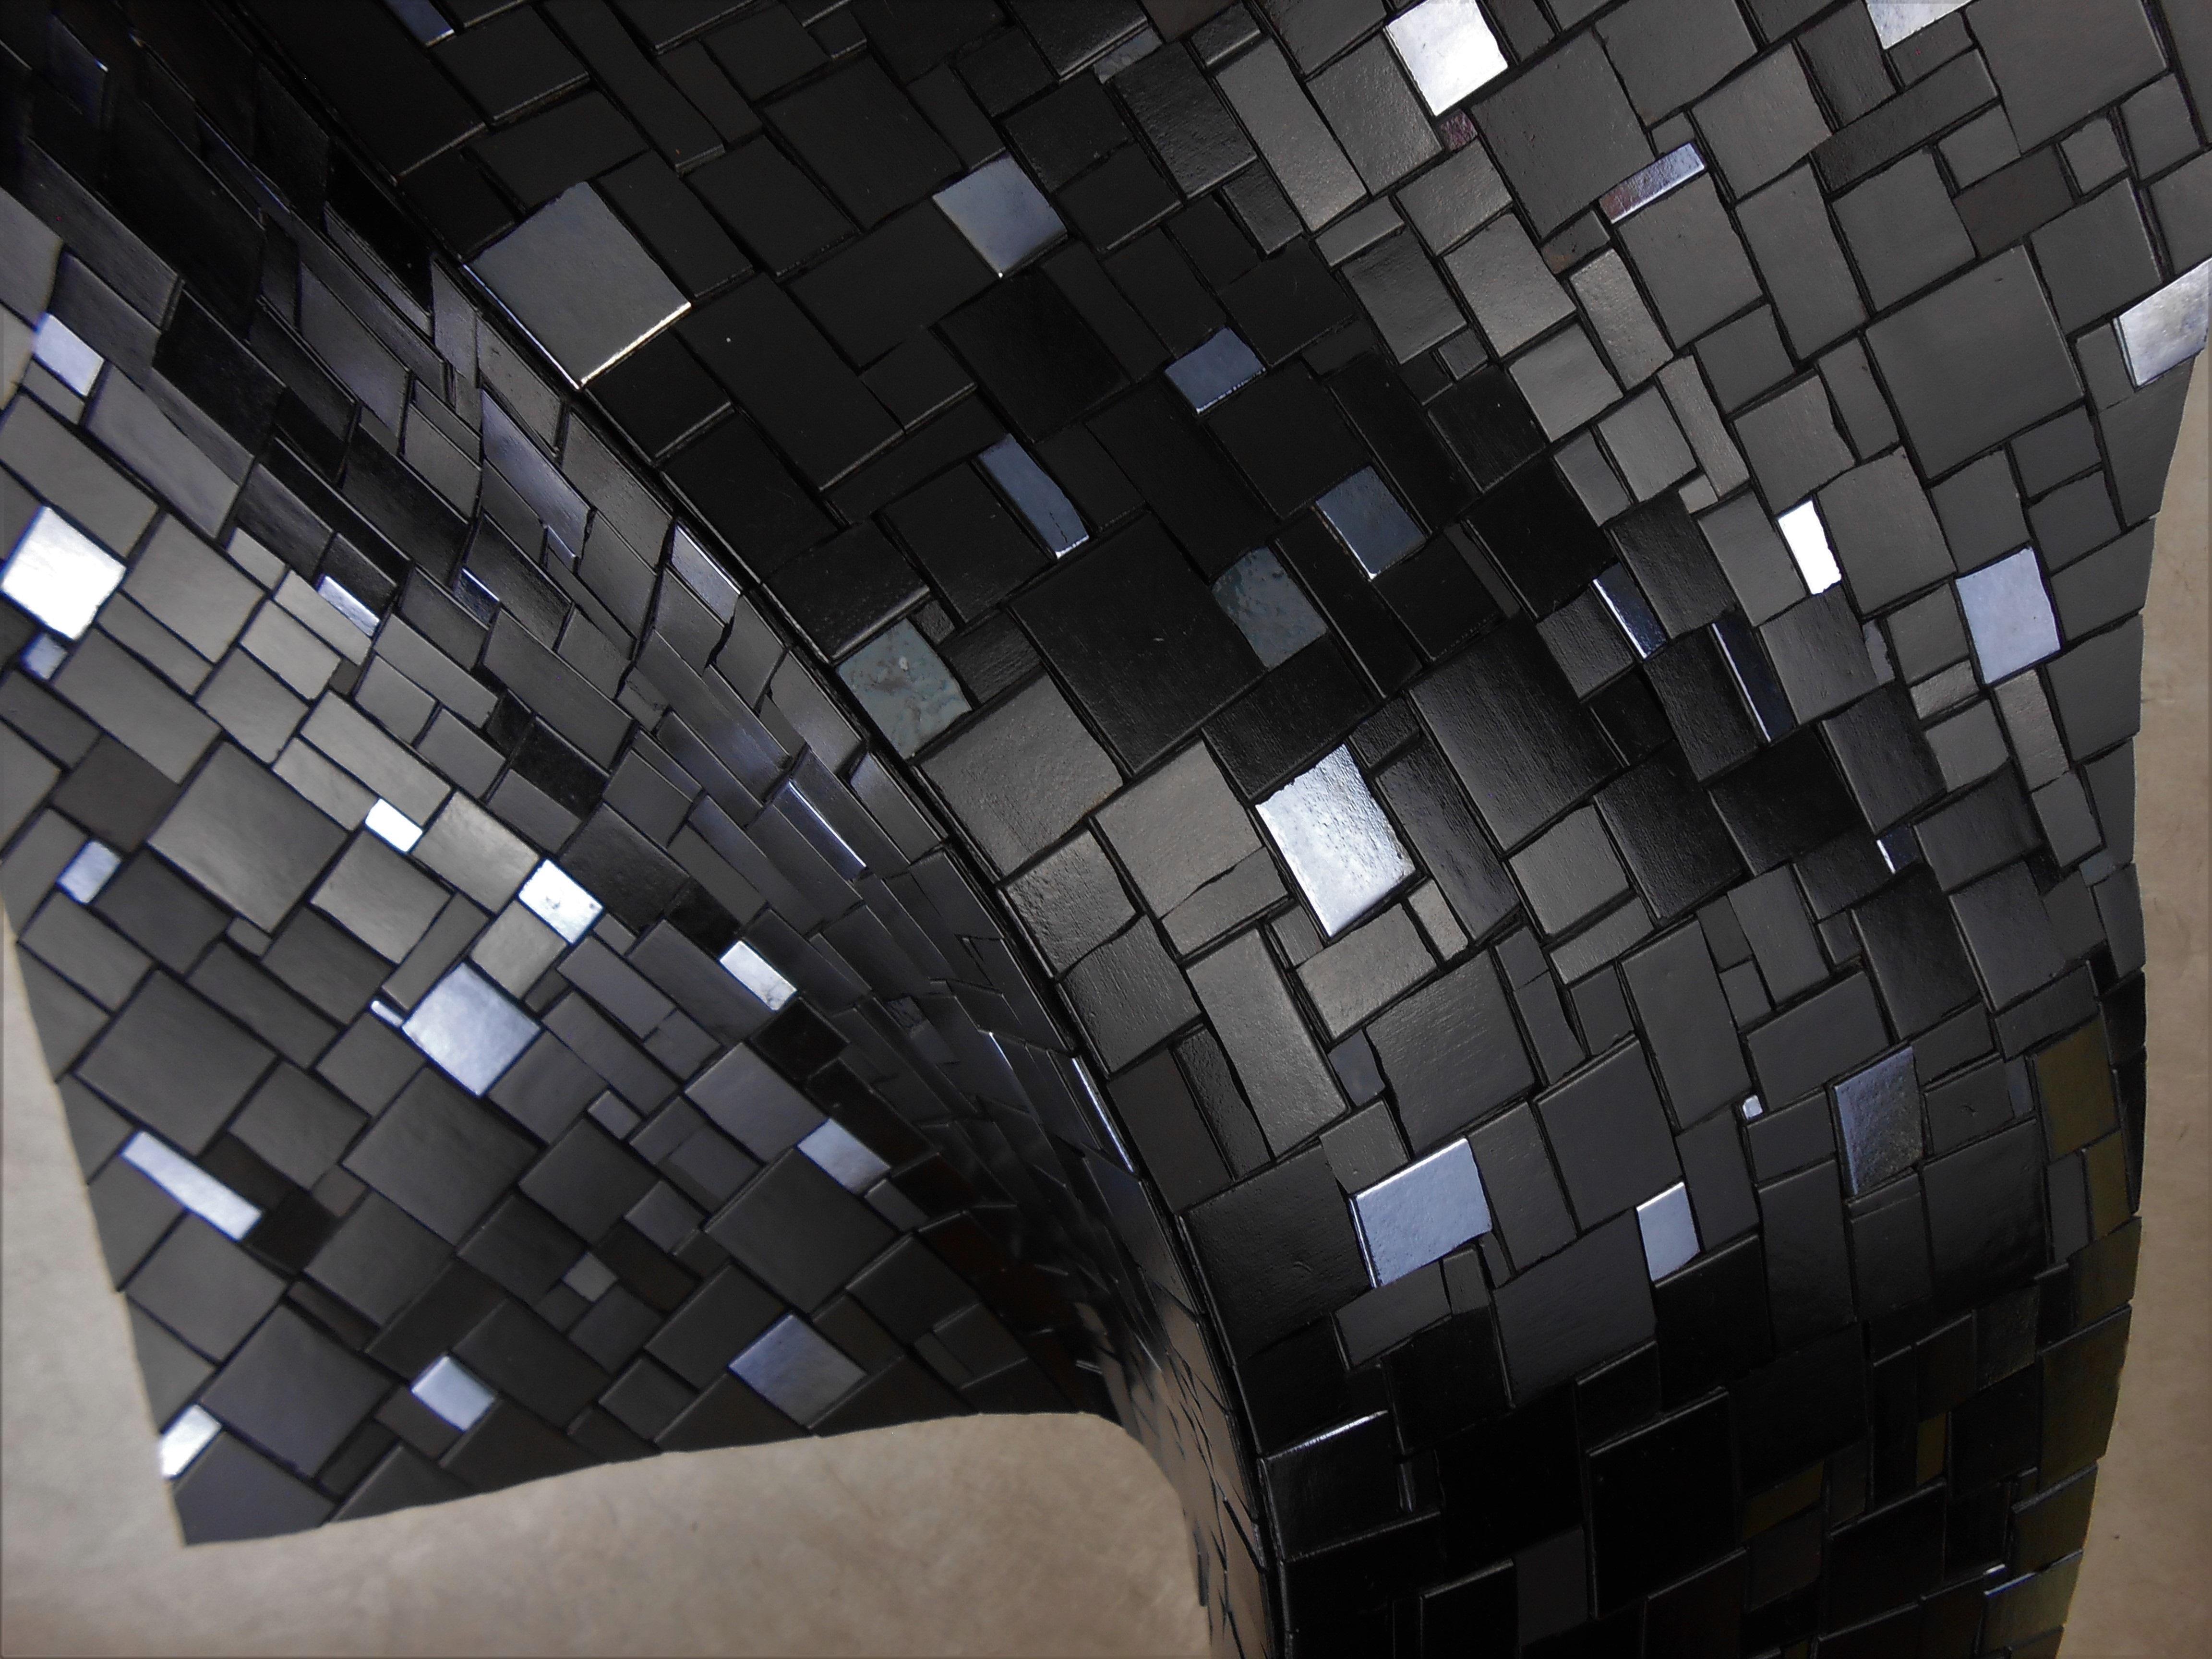 Kuro Piegare 8133 (7) Black Grey Metal P